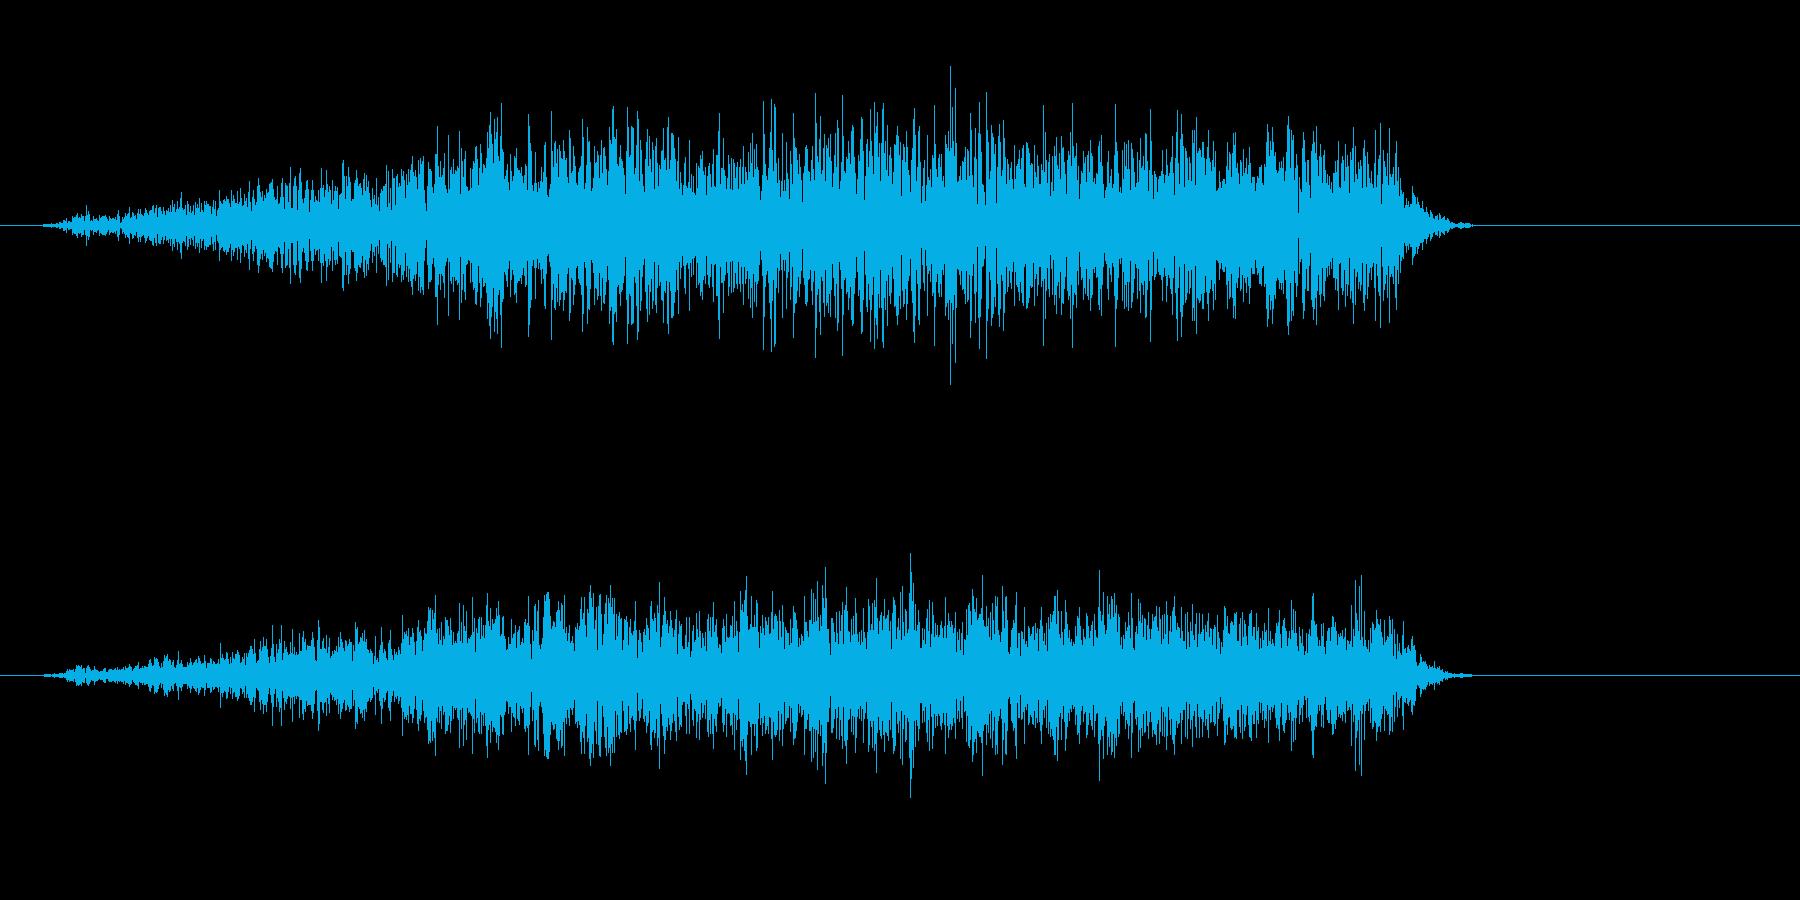 シューーという蒸気の音の再生済みの波形